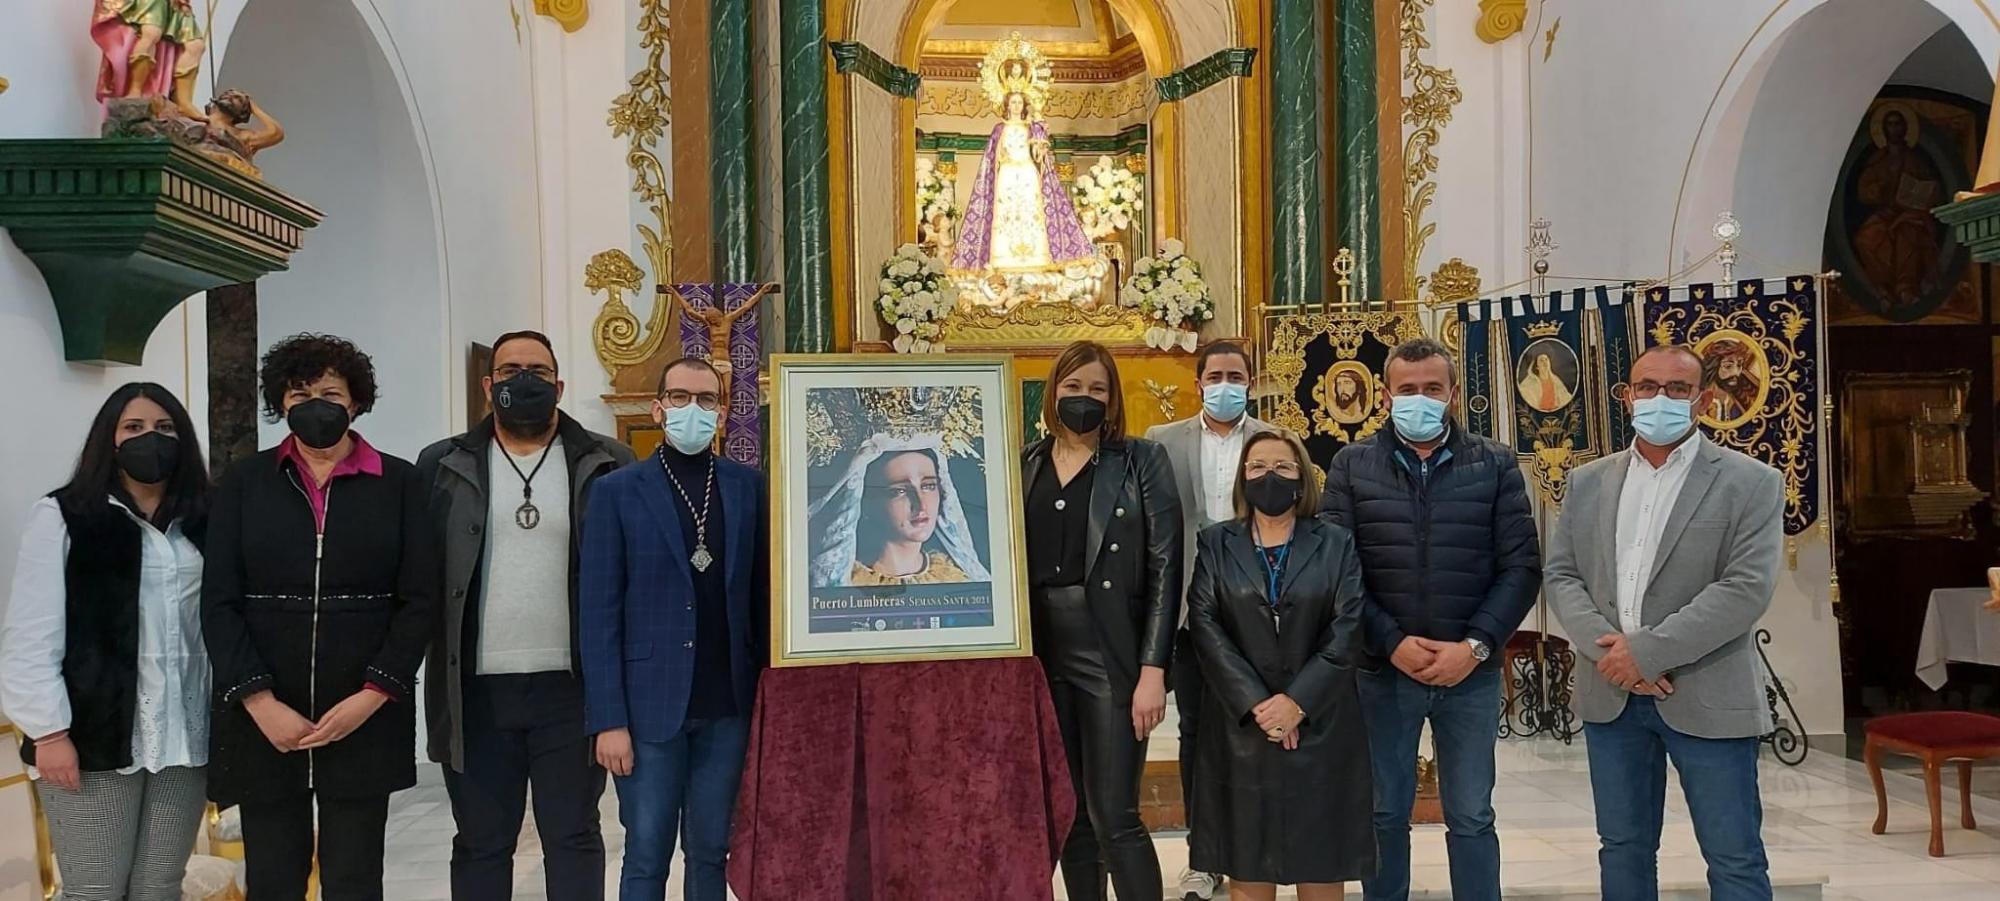 La imagen de María Santísima de la Esperanza protagoniza el cartel de la Semana Santa de Puerto Lumbreras